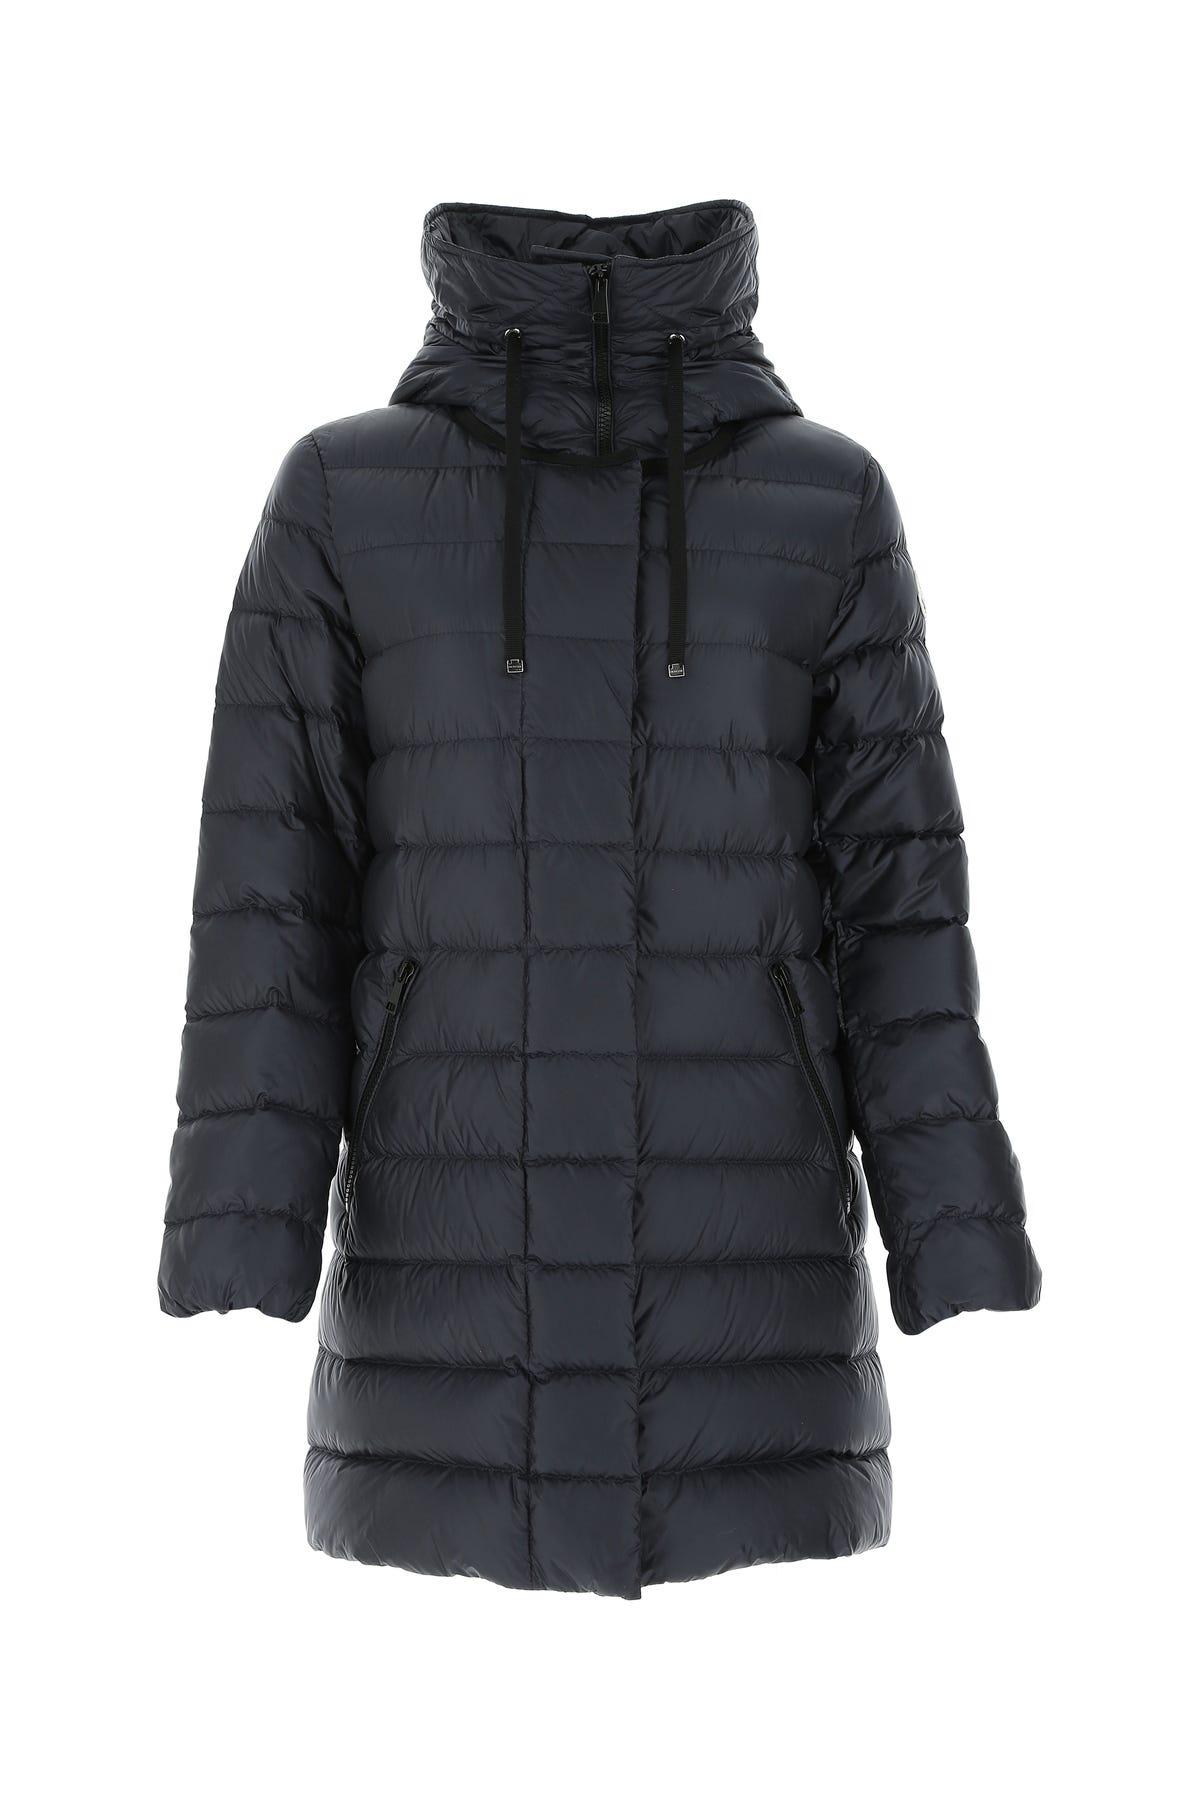 Moncler Clothing GIUBBINO GNOSIA-4